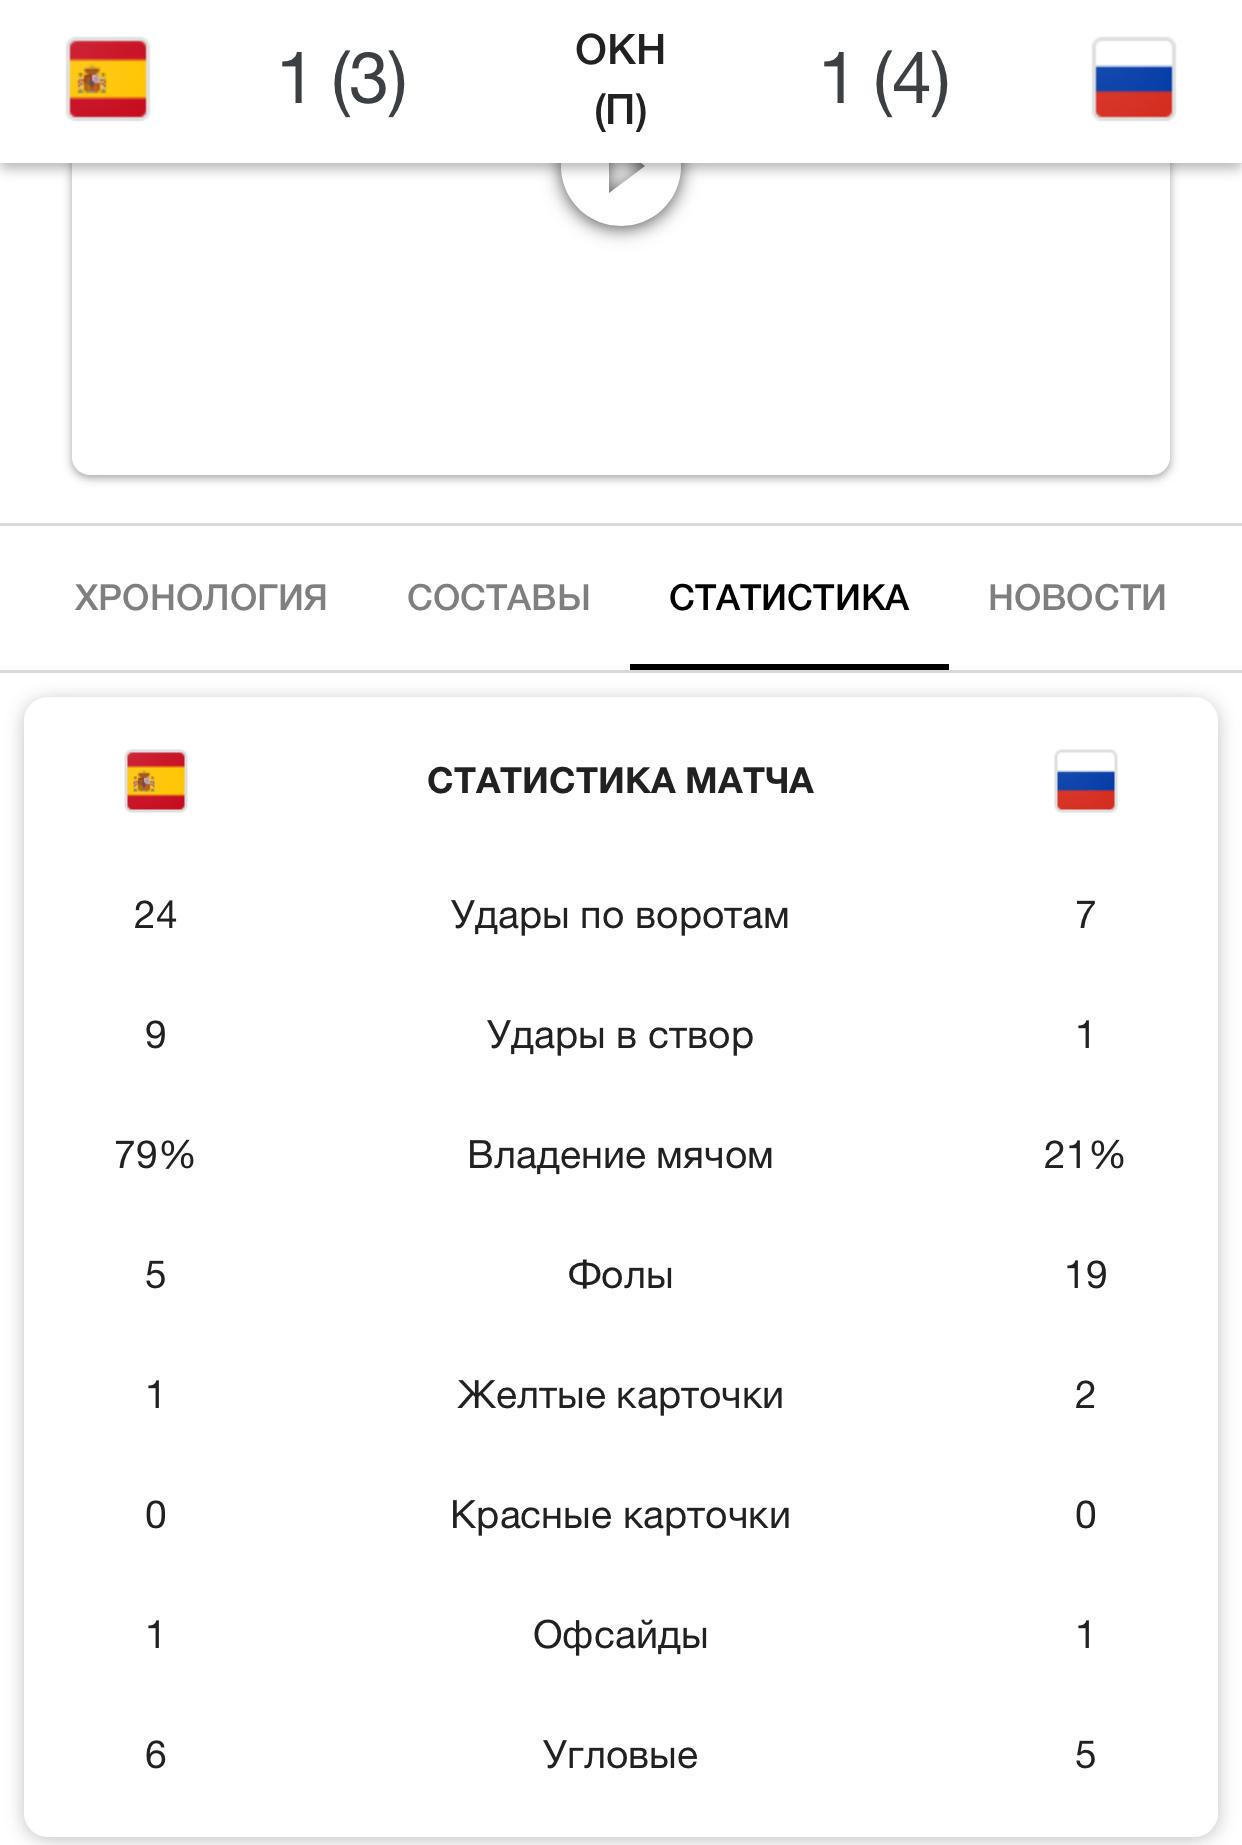 Российская статистика прогноз gold на форекс